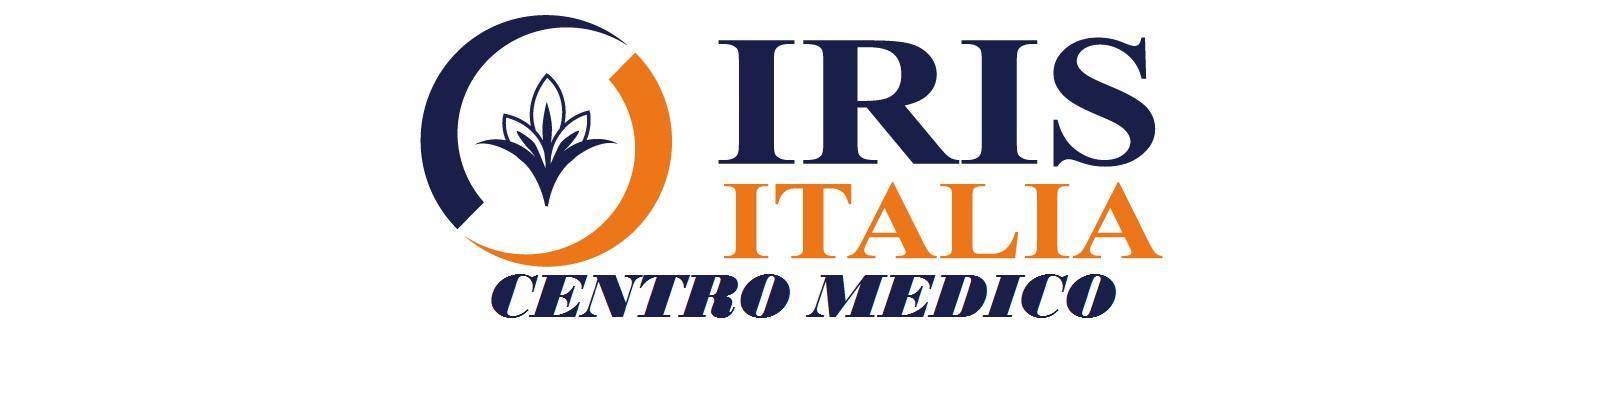 Centro Medico Iris Italia